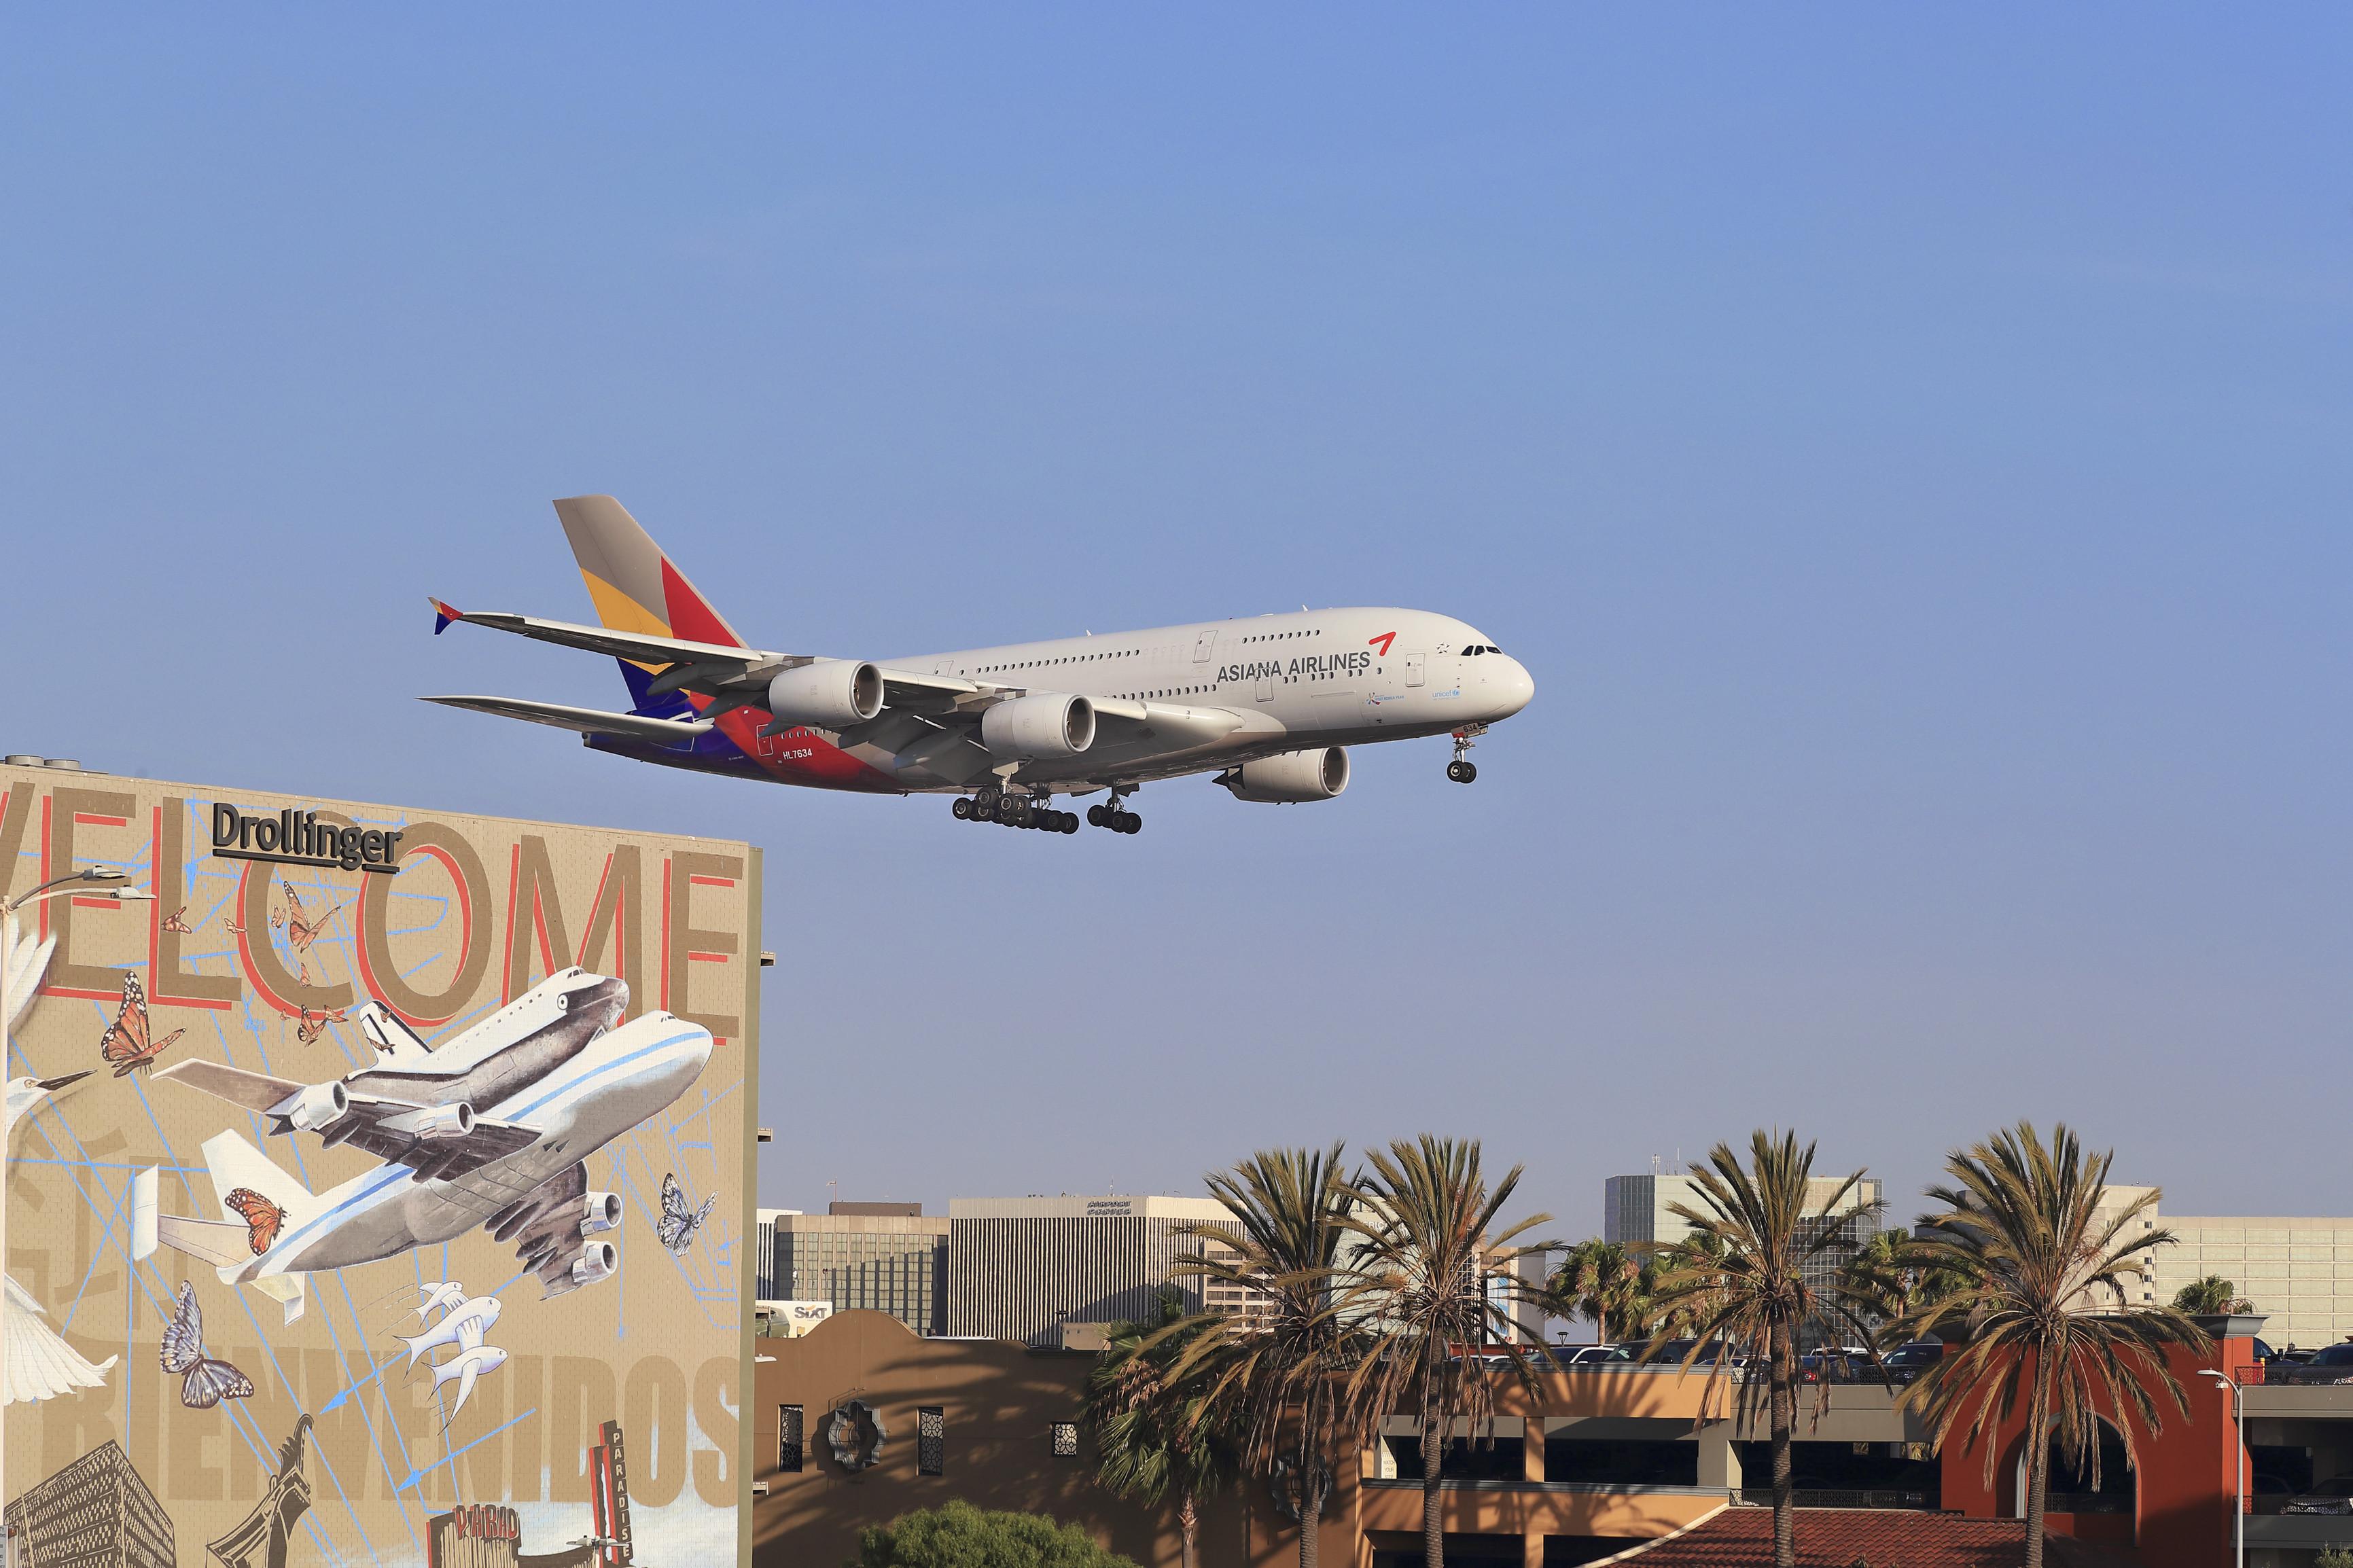 22_福世 敦ーLos++Angelesの街角ーアメリカーロサンゼルス国際空港.